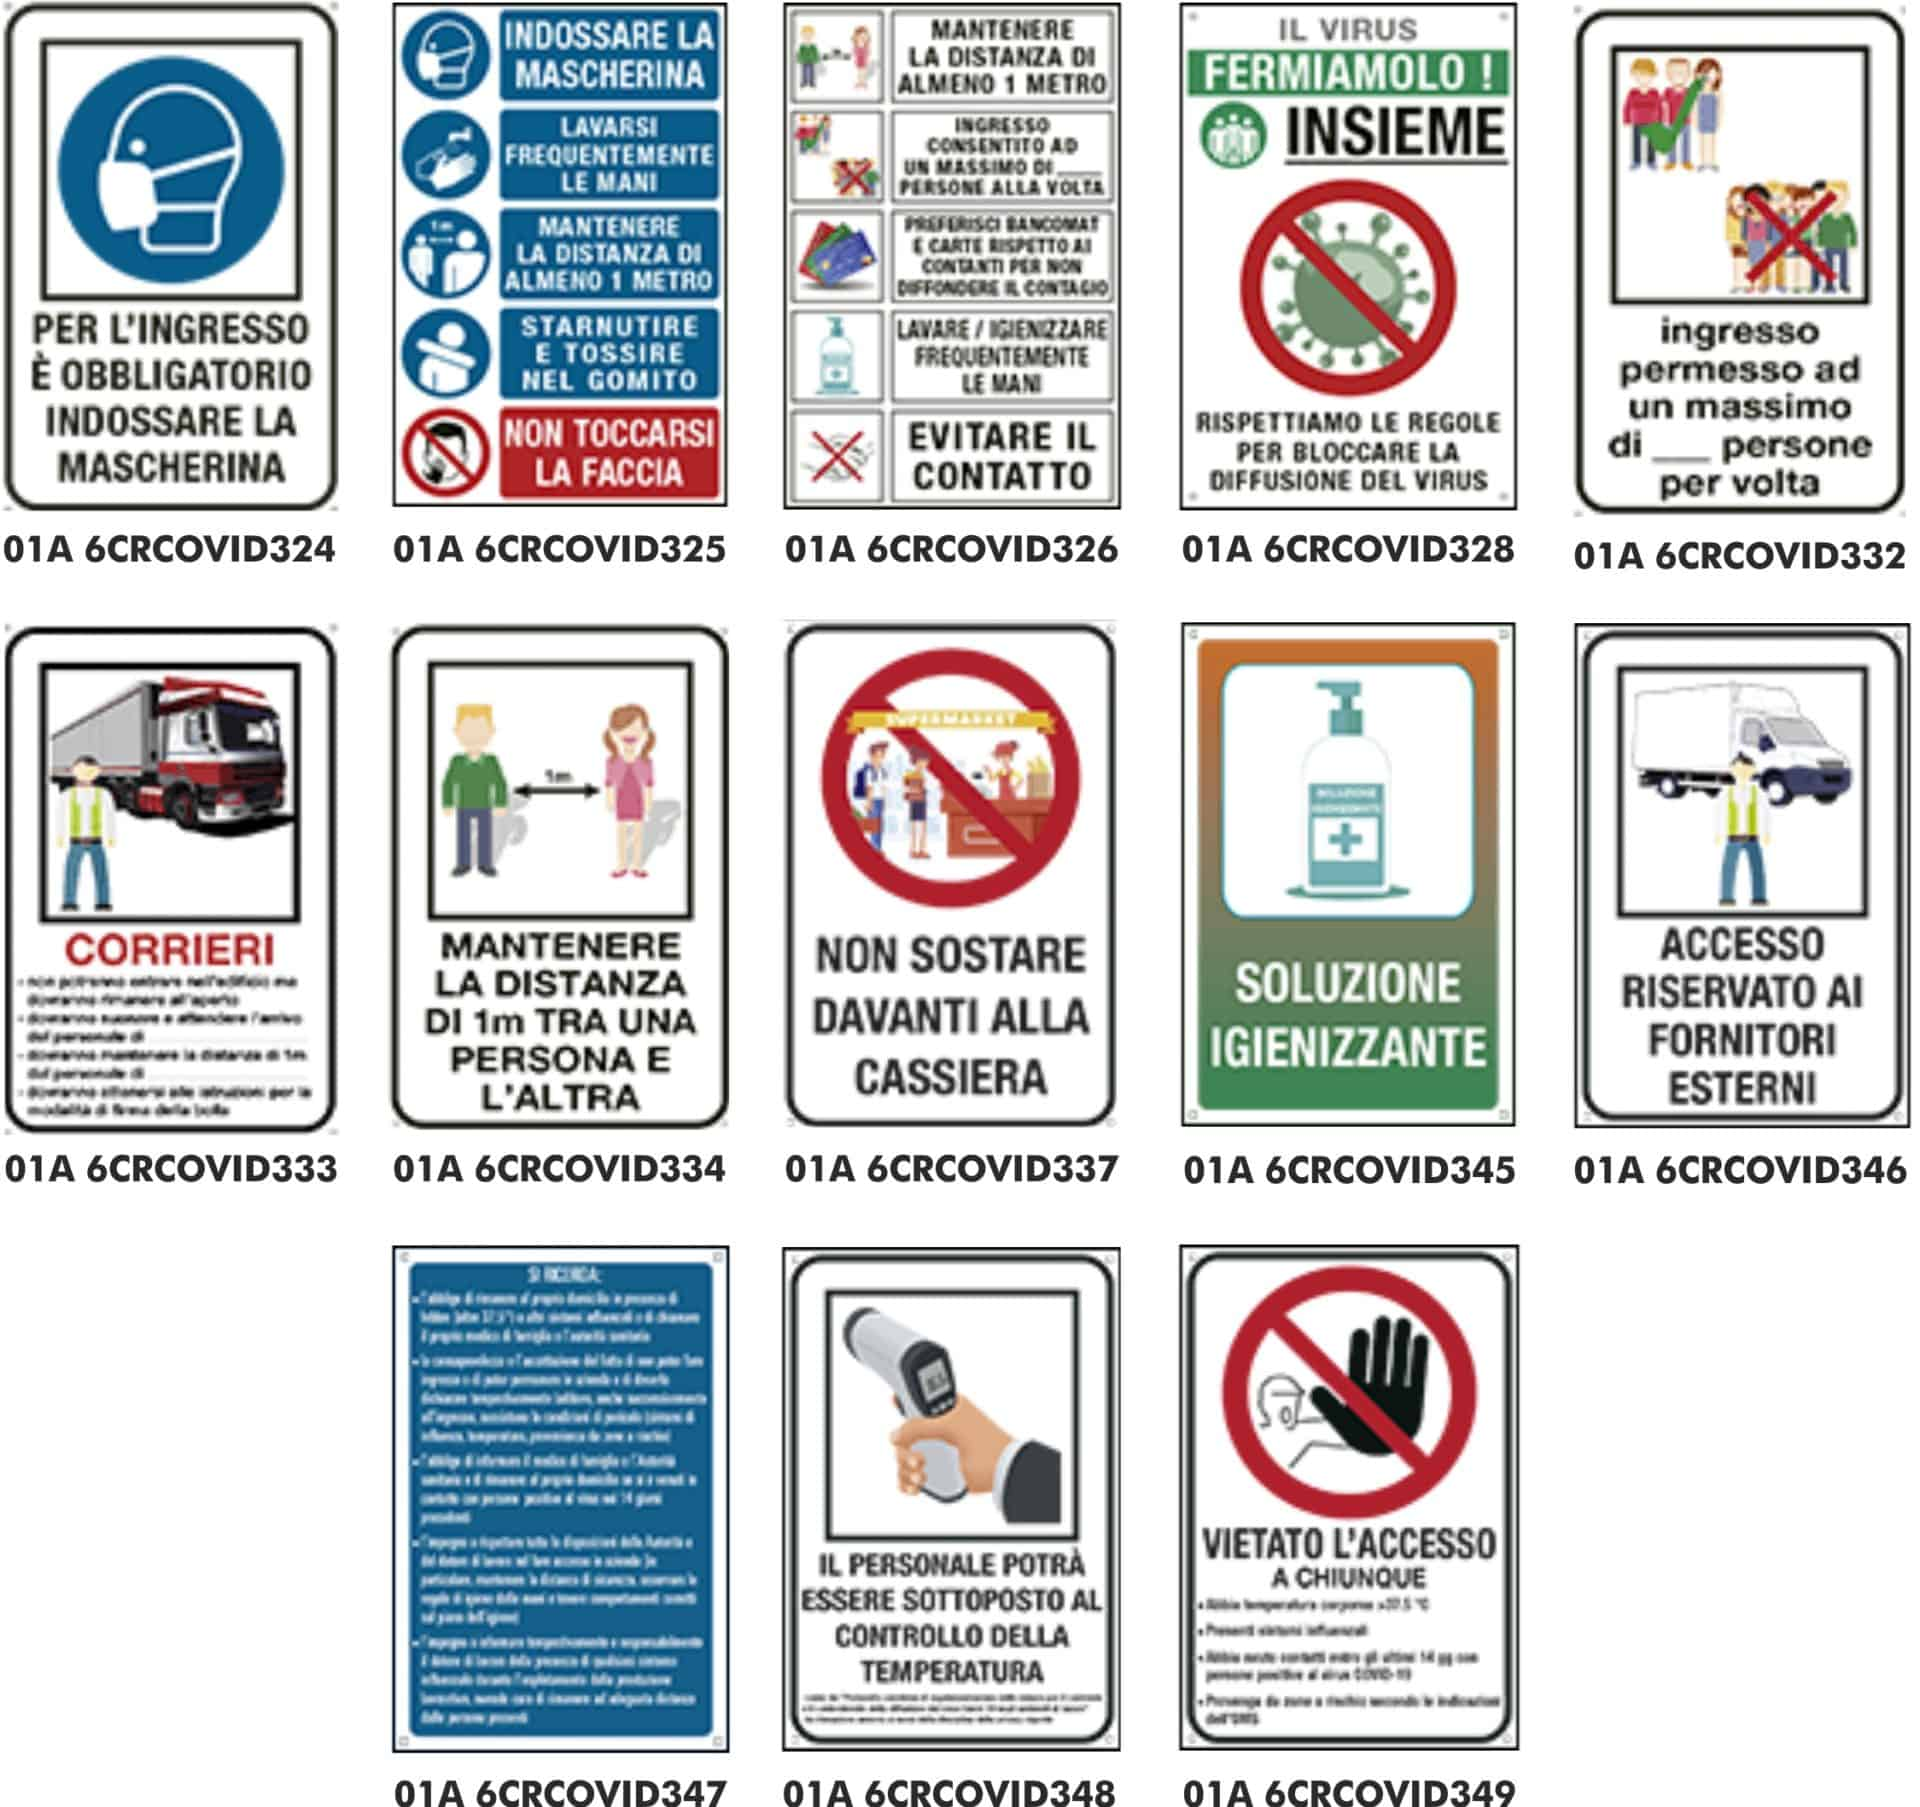 Covid-19 dispositivi di protezione | Elettrogruppo ZeroUno | Torino | segnaletica